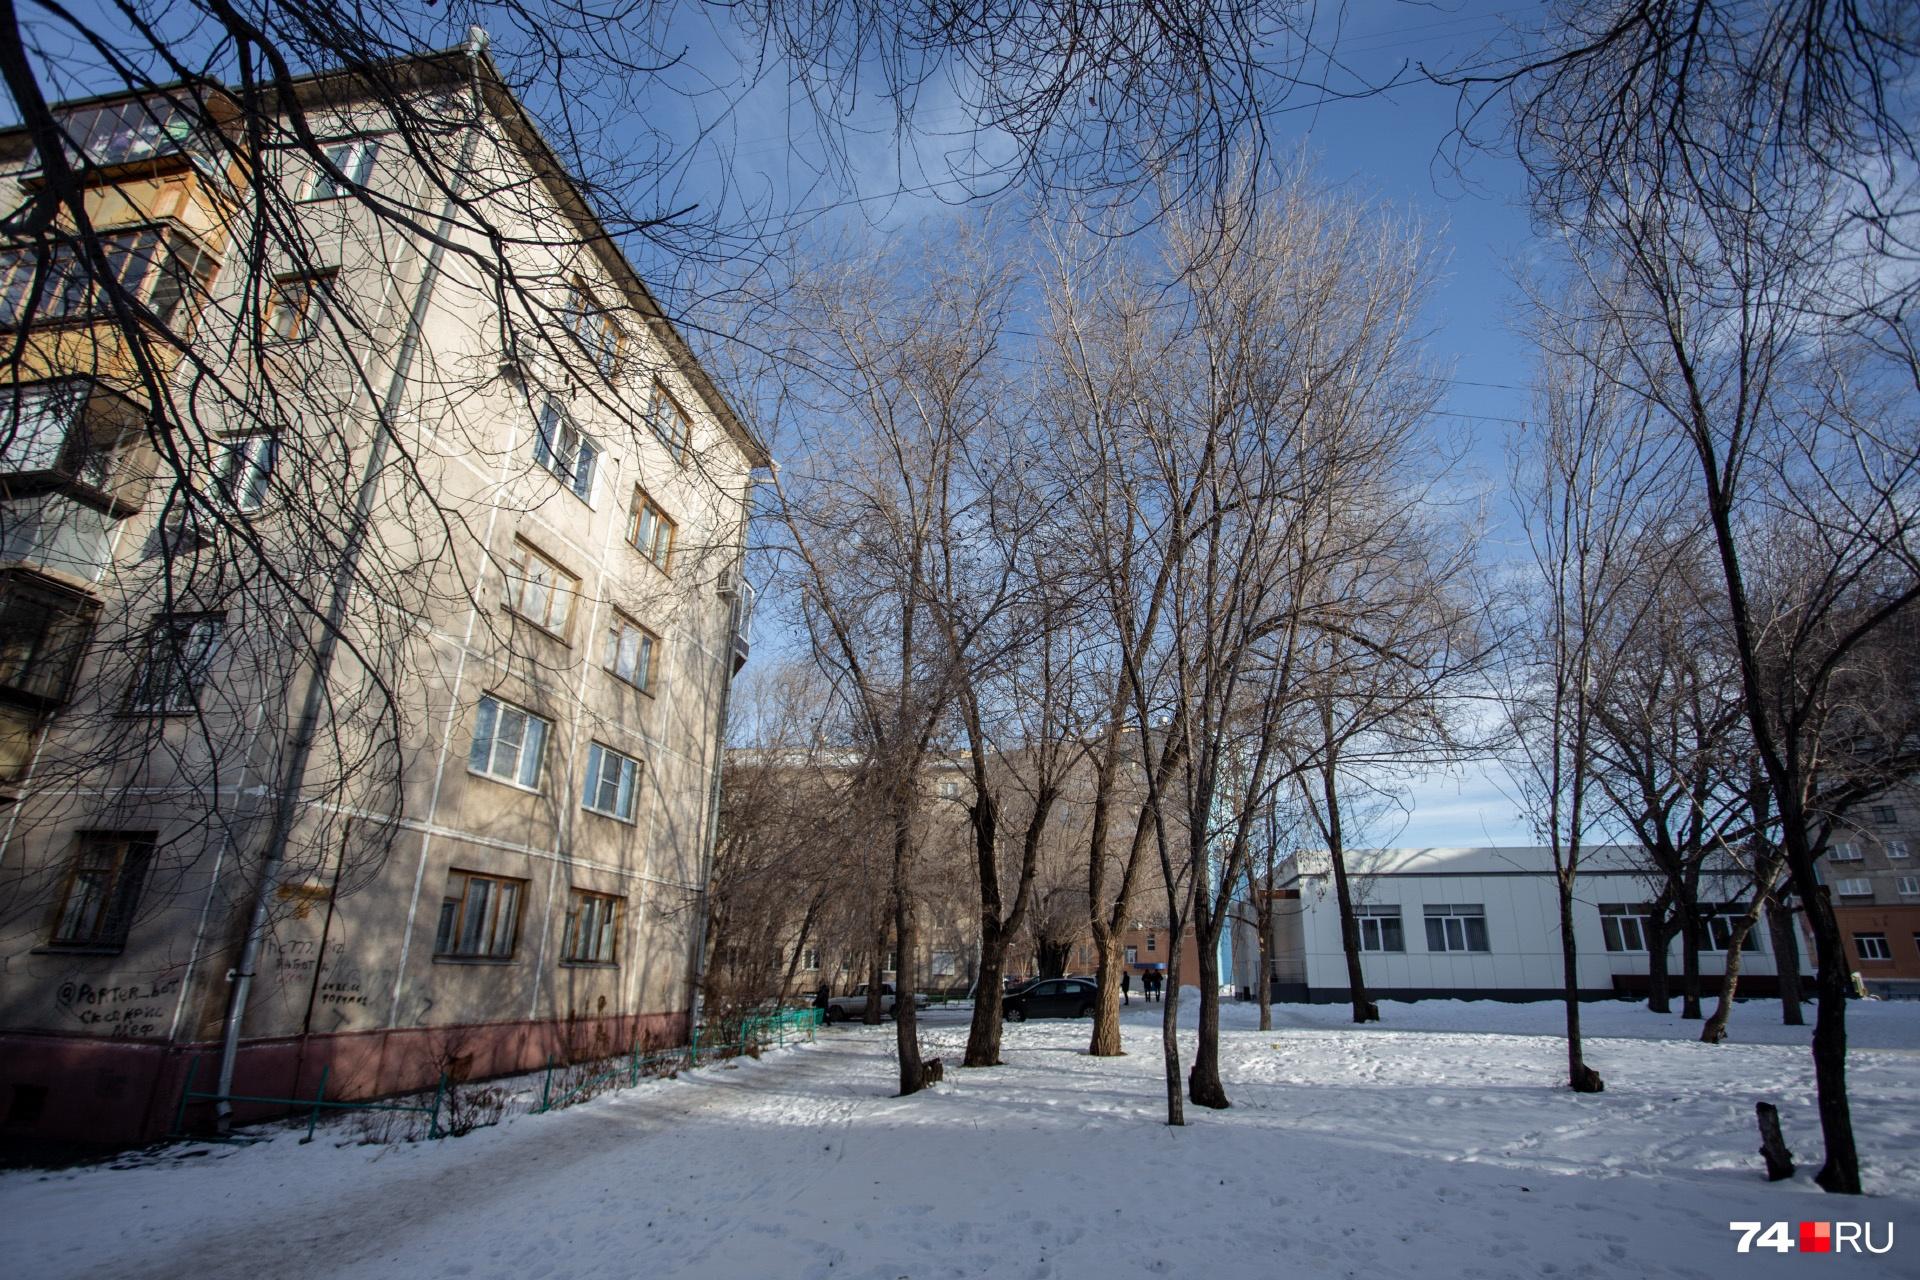 Спортсмен Алан жил в этом пятиэтажном доме в 150 метрах от Карла Маркса, 164